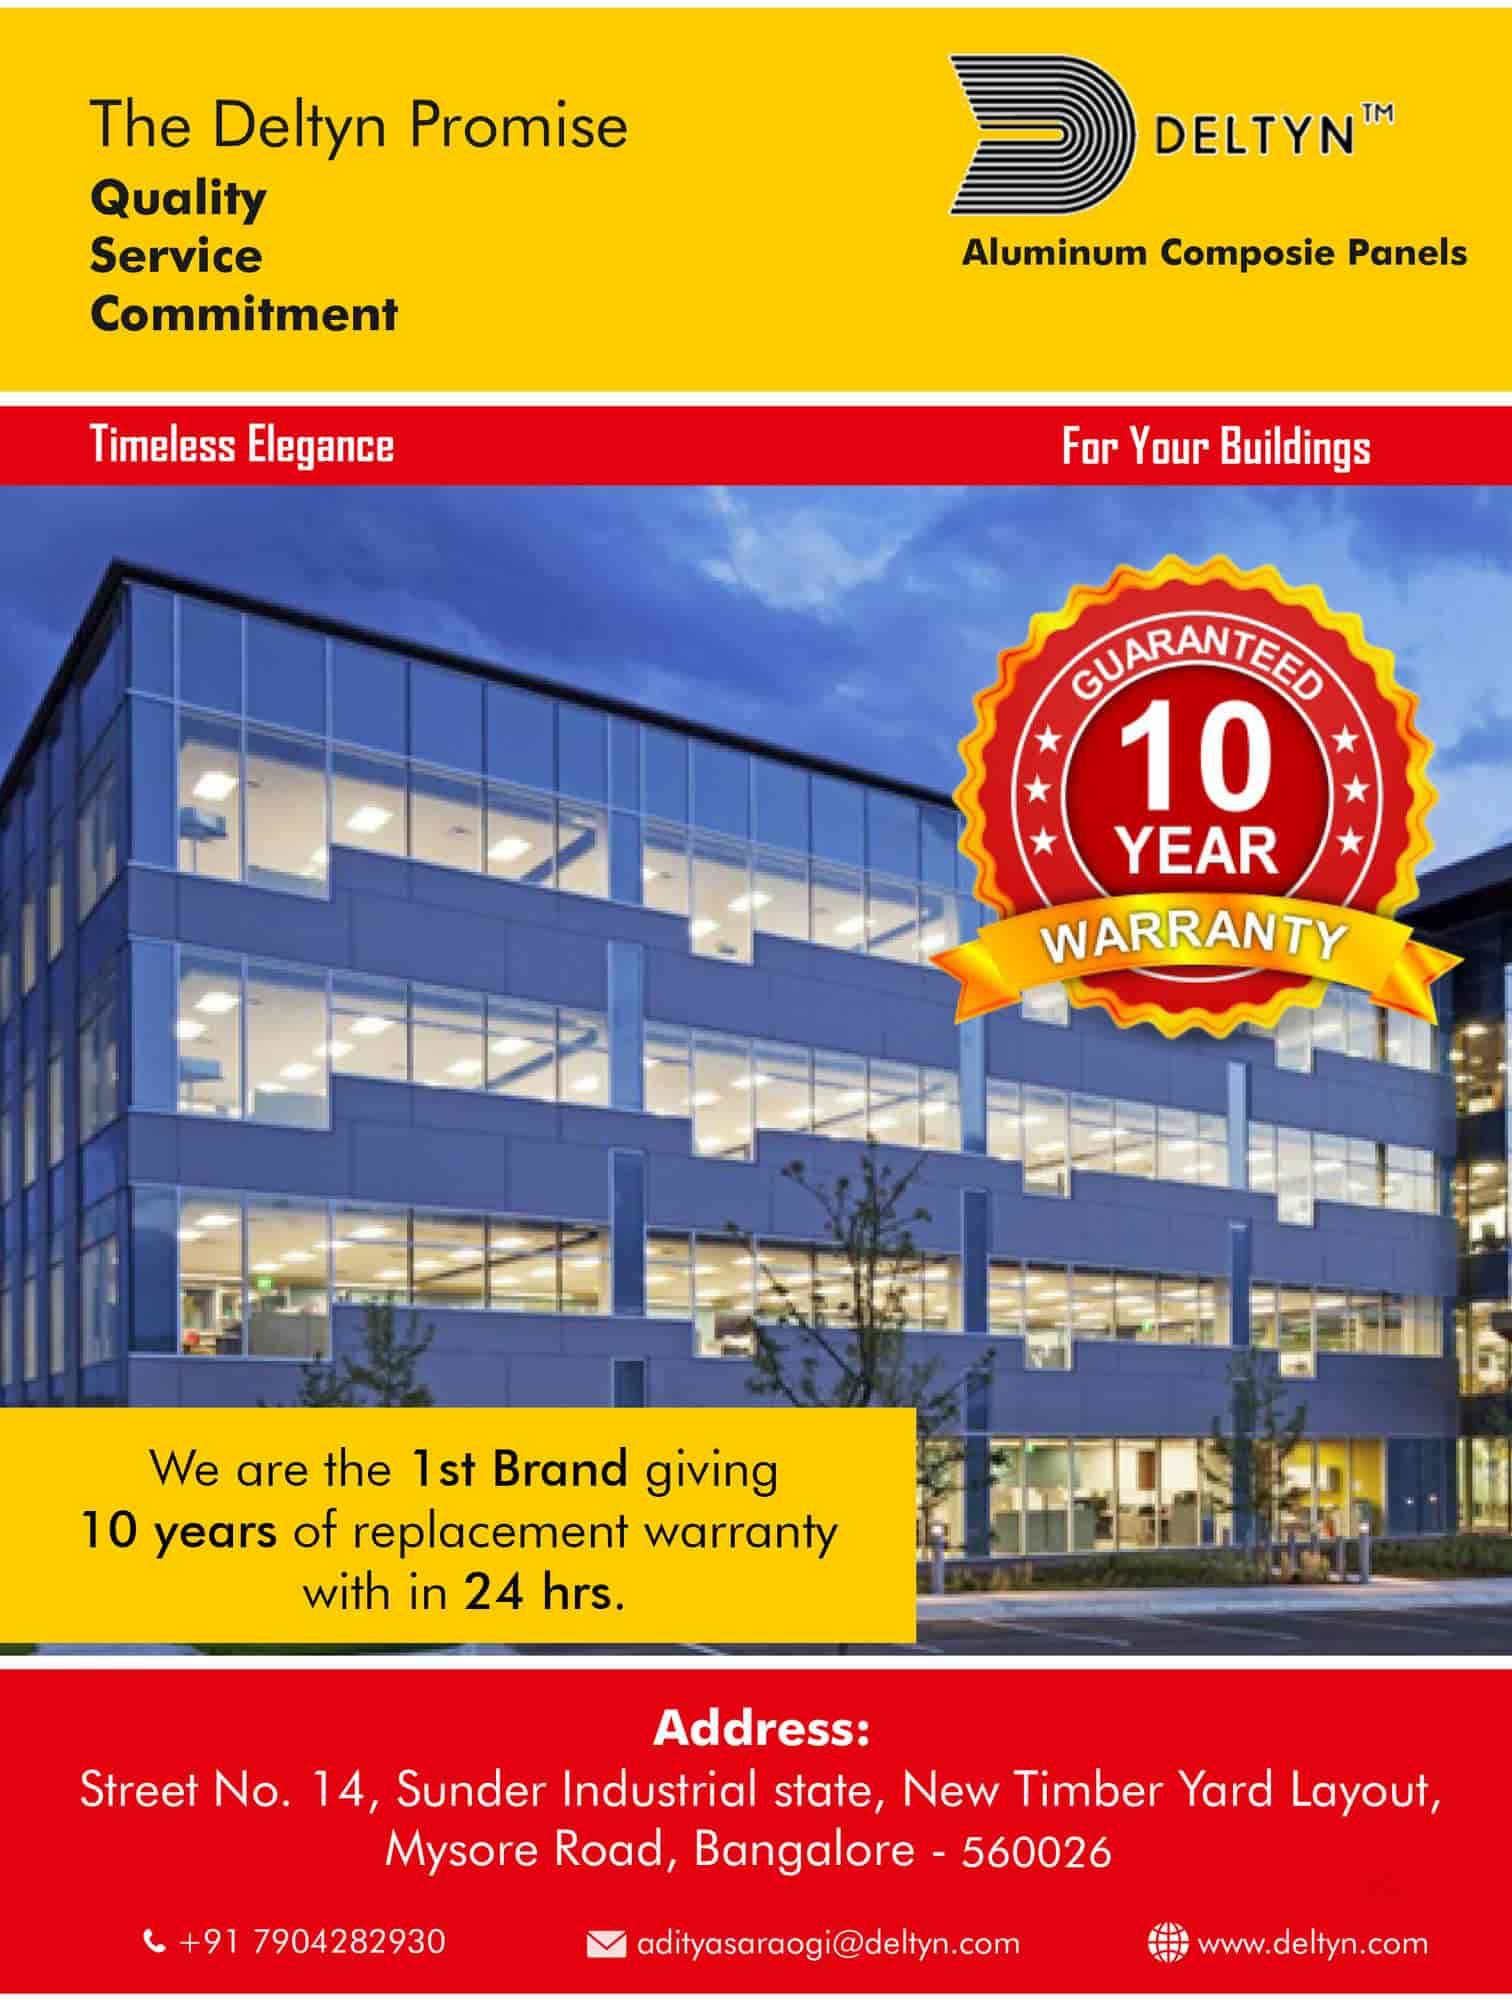 Govind International, Mysore Road - Aluminium Composite